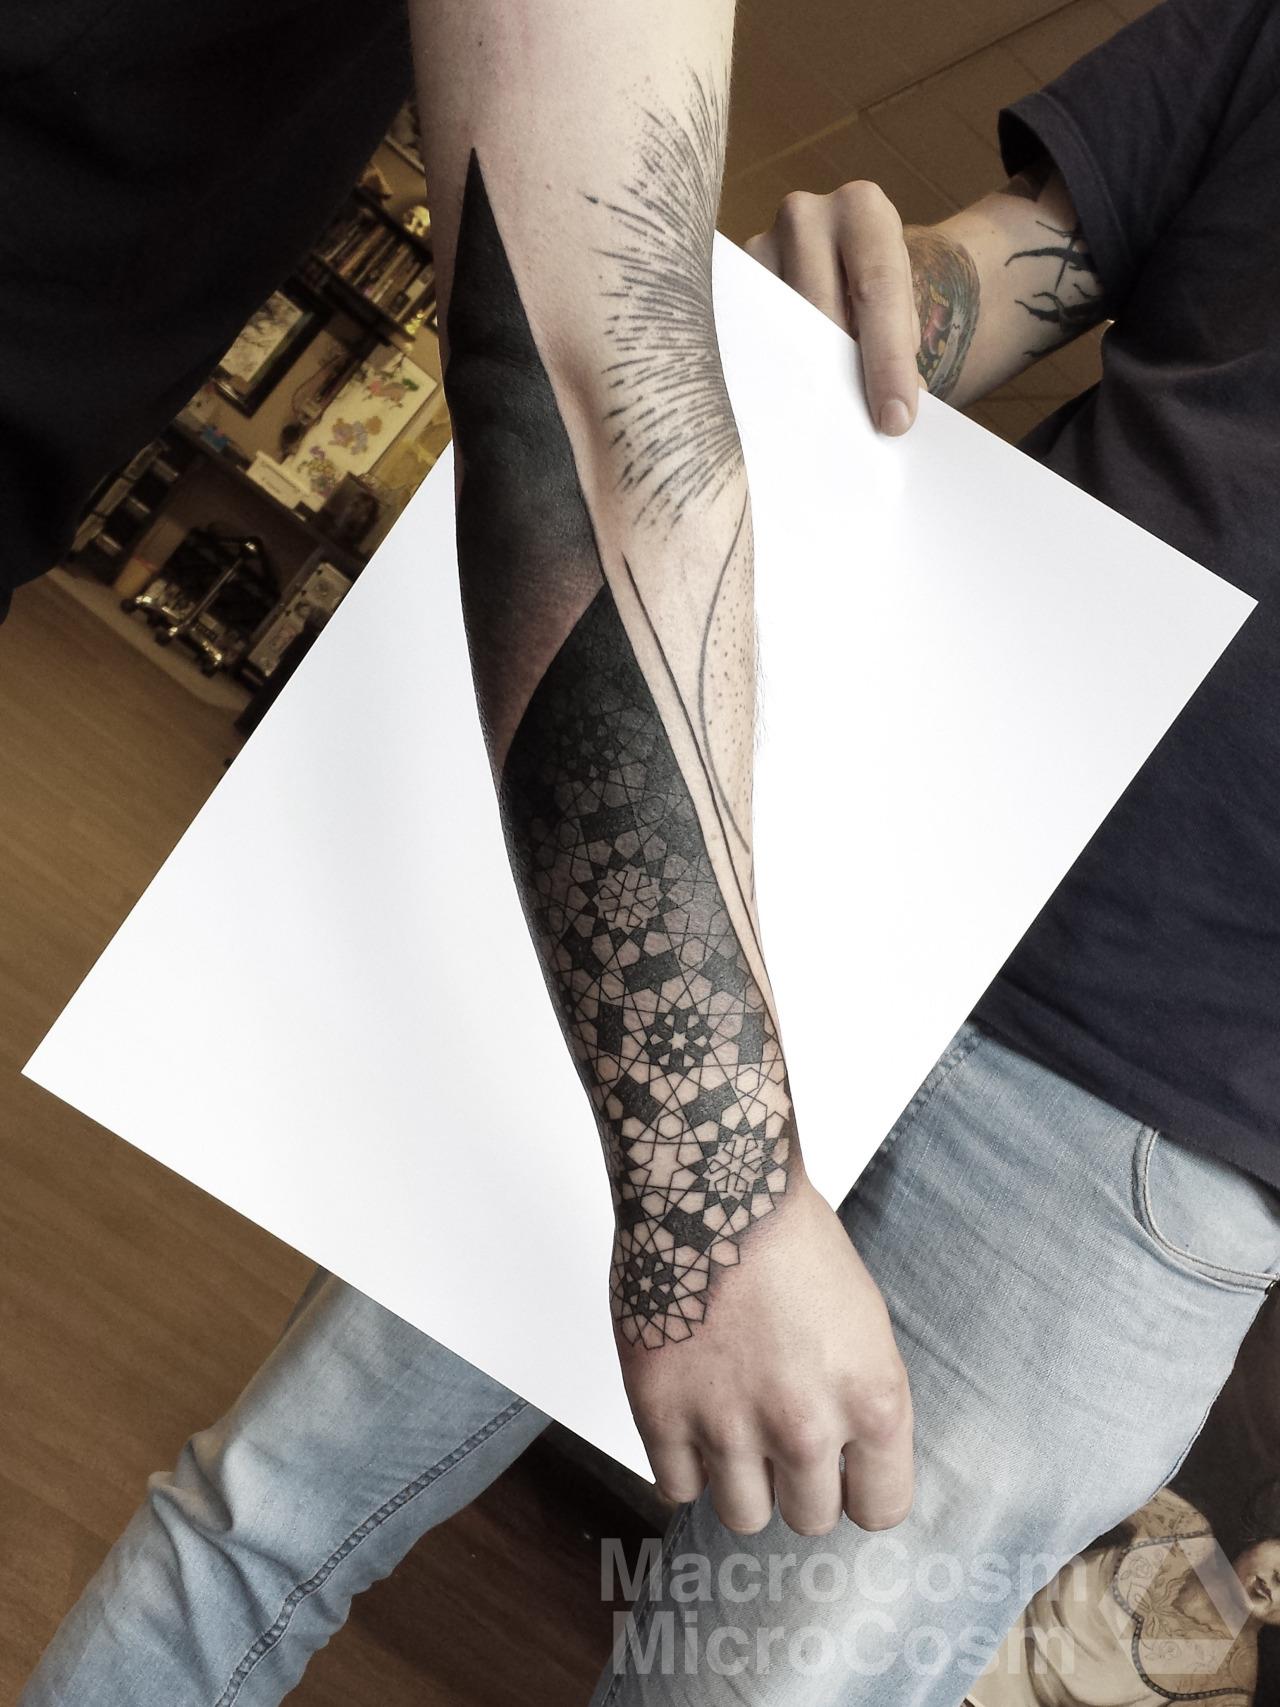 Cosmic Karma, tattoo artist (1)